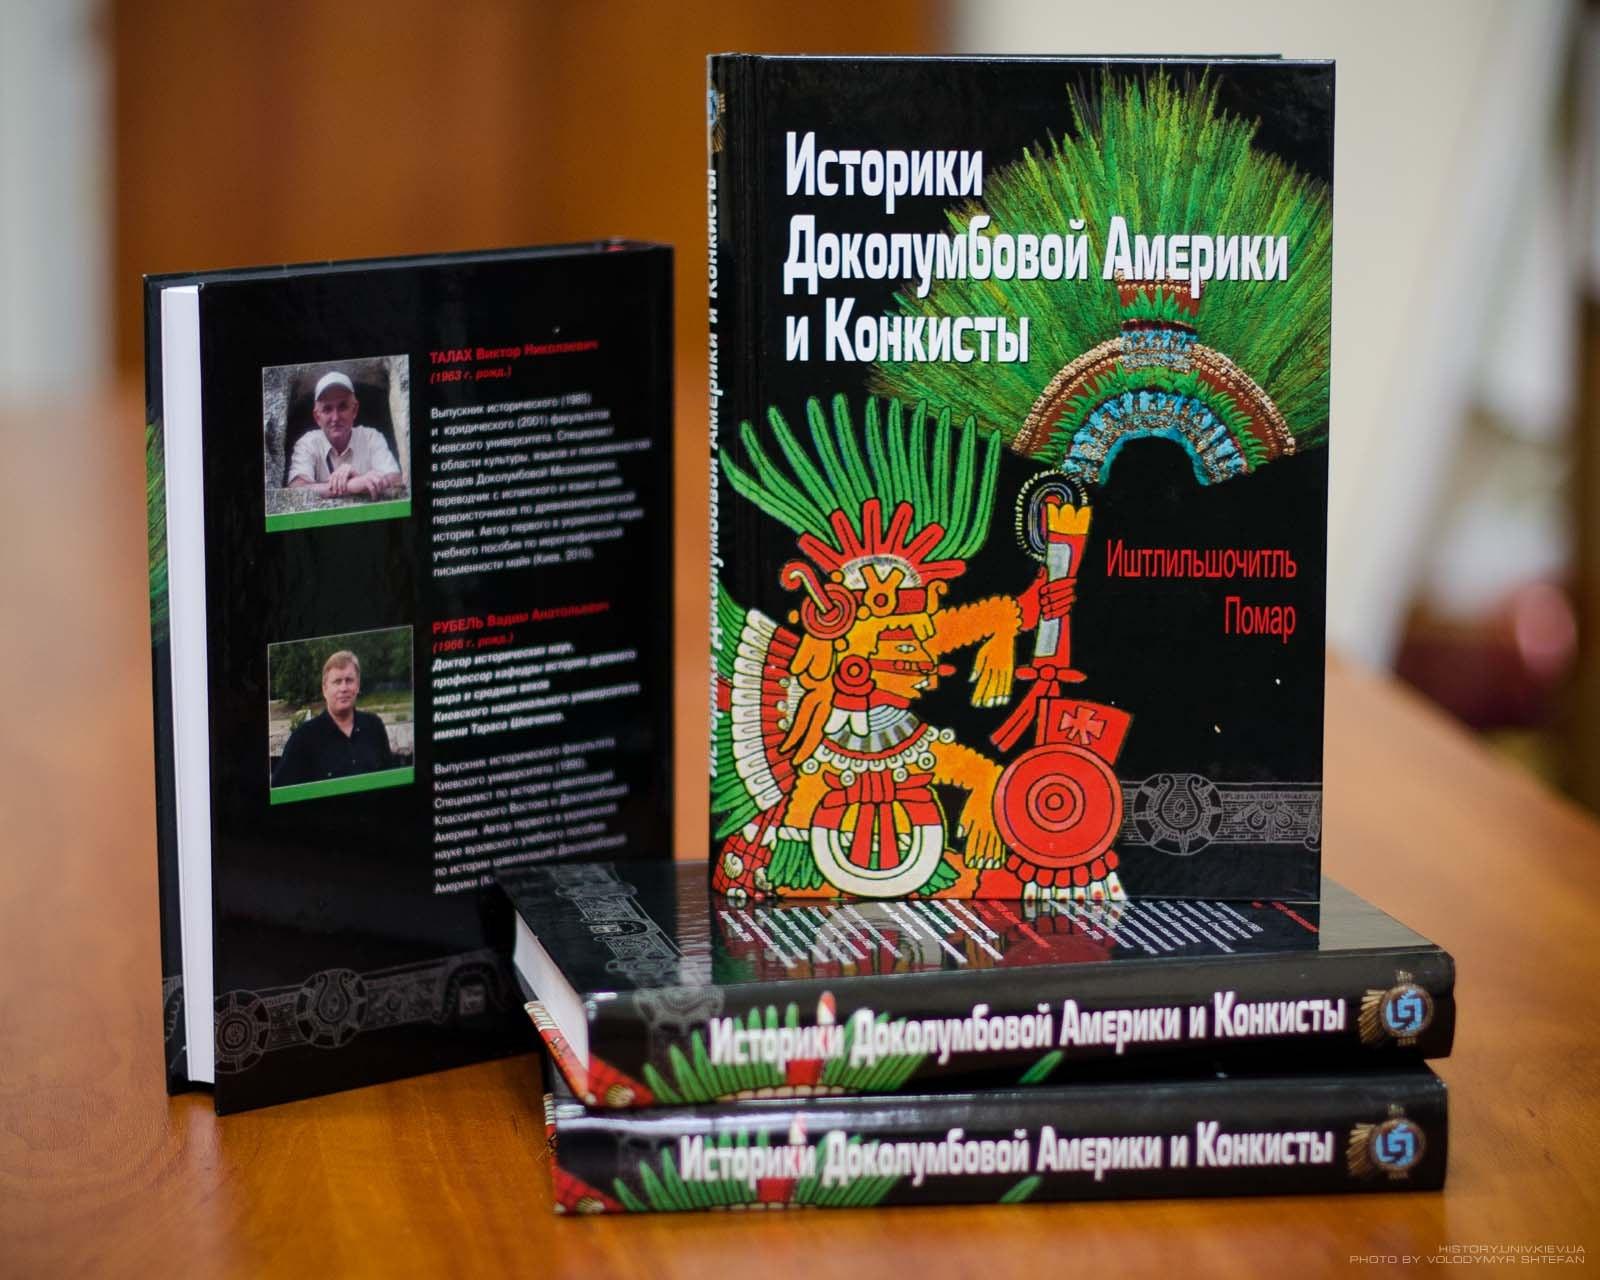 Книга Историки Доколумбовой Америки и Конкисты Иштлильшочить Помар